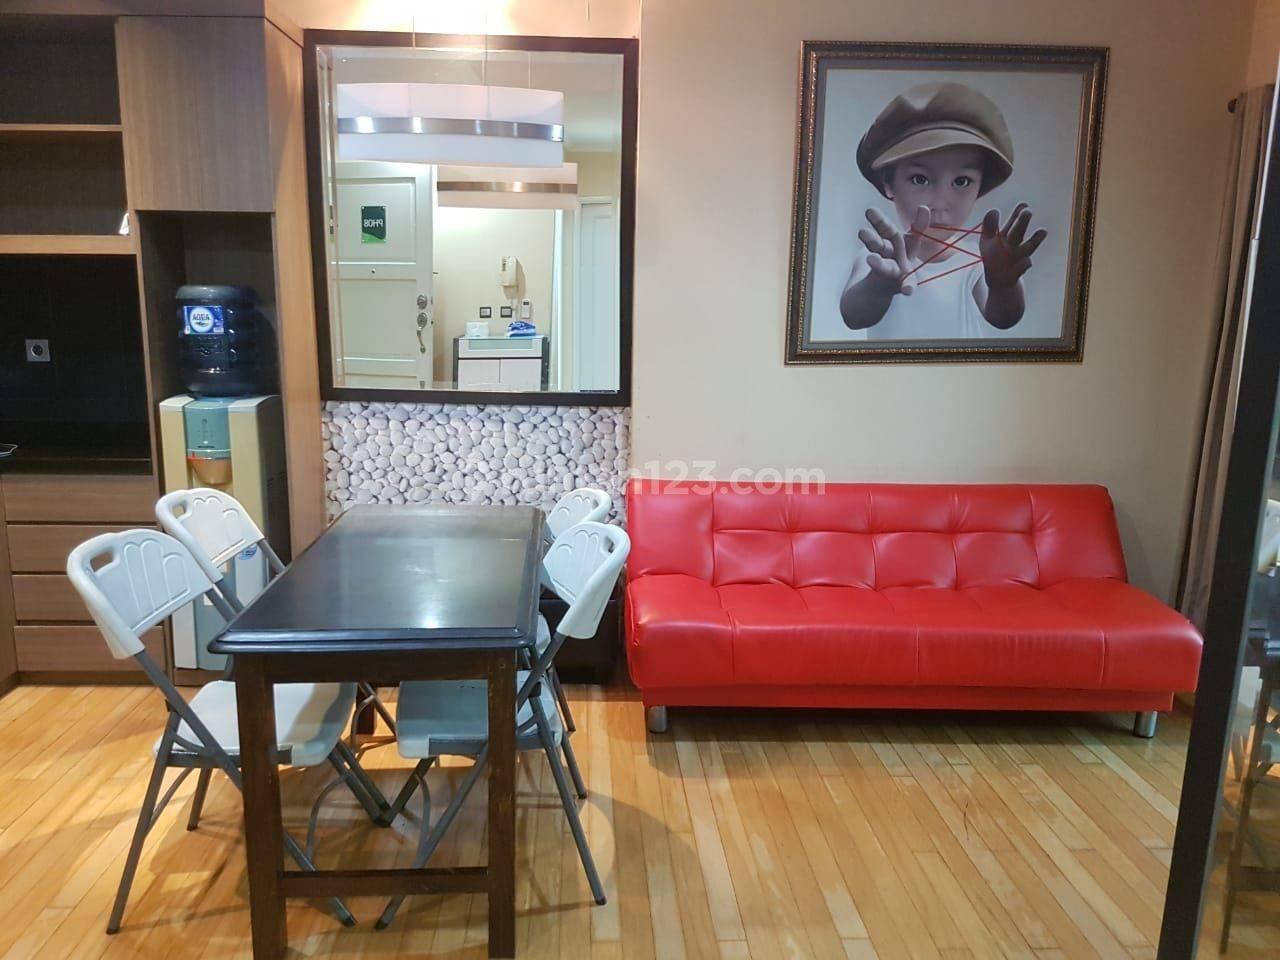 Apartemen City Home Kelapa Gading Square (MOI) fully furinished size 45m2 Jakarta Utara